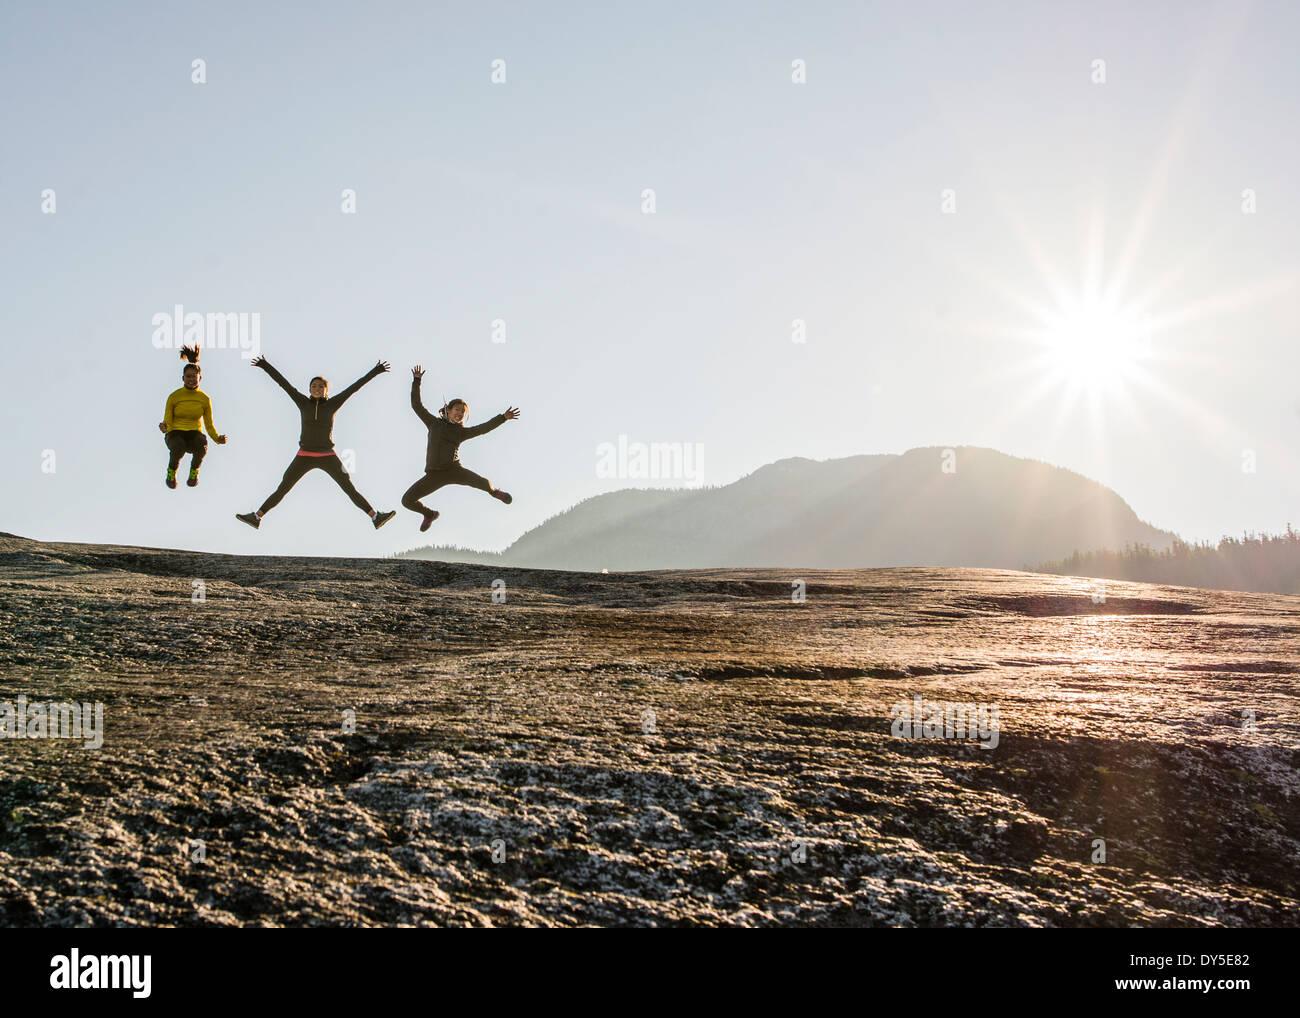 Tre giovani femmine escursionisti jumping mezza aria su roccia, Squamish, British Columbia, Canada Immagini Stock